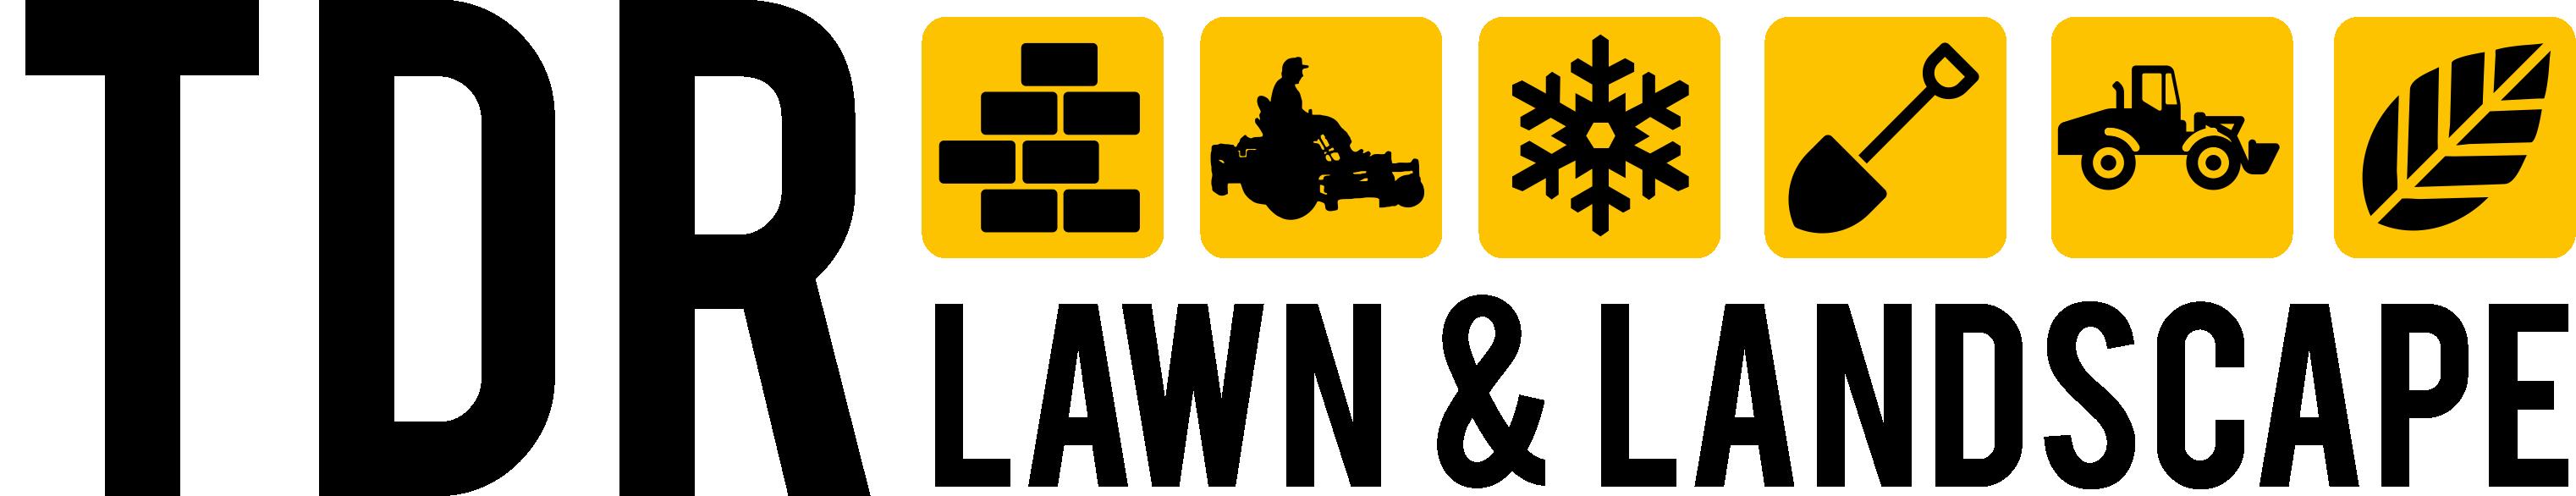 TDR Lawn & Landscape Logo